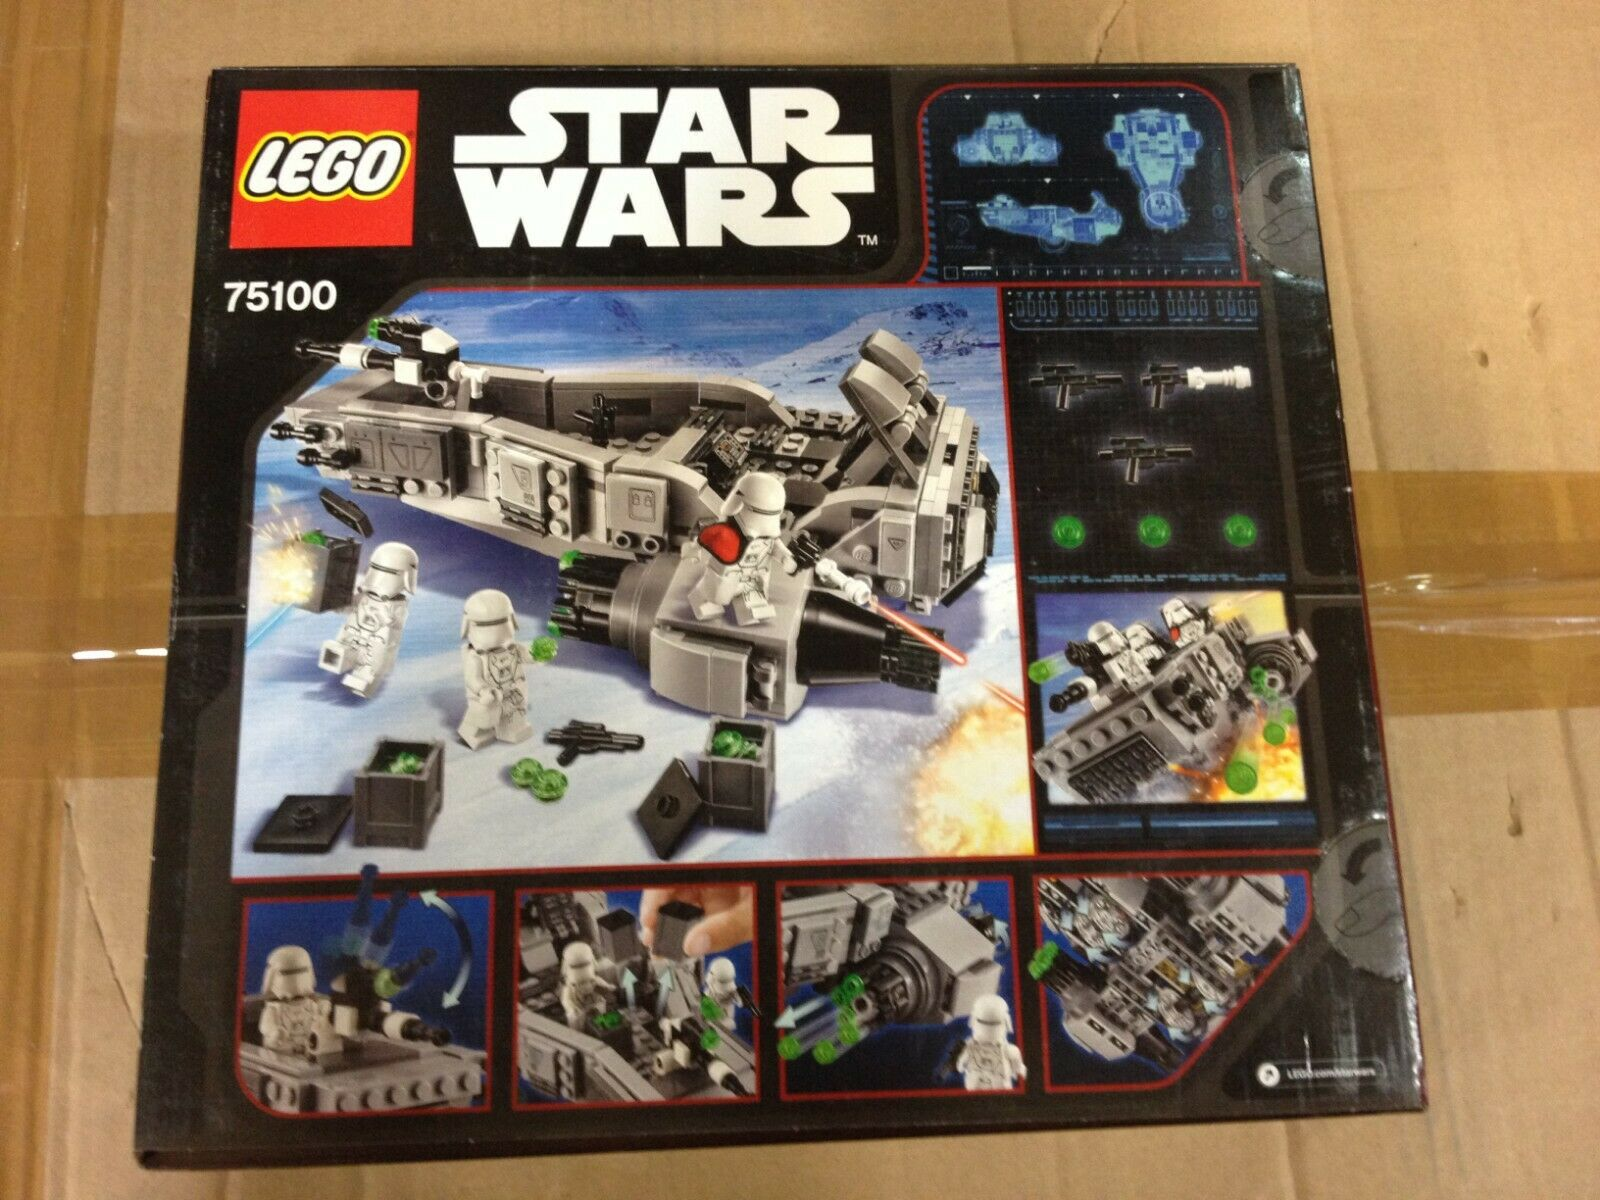 LEGO  estrella guerras FIRST ORDER SNOWSPEEDER,Ref.75100  articoli promozionali